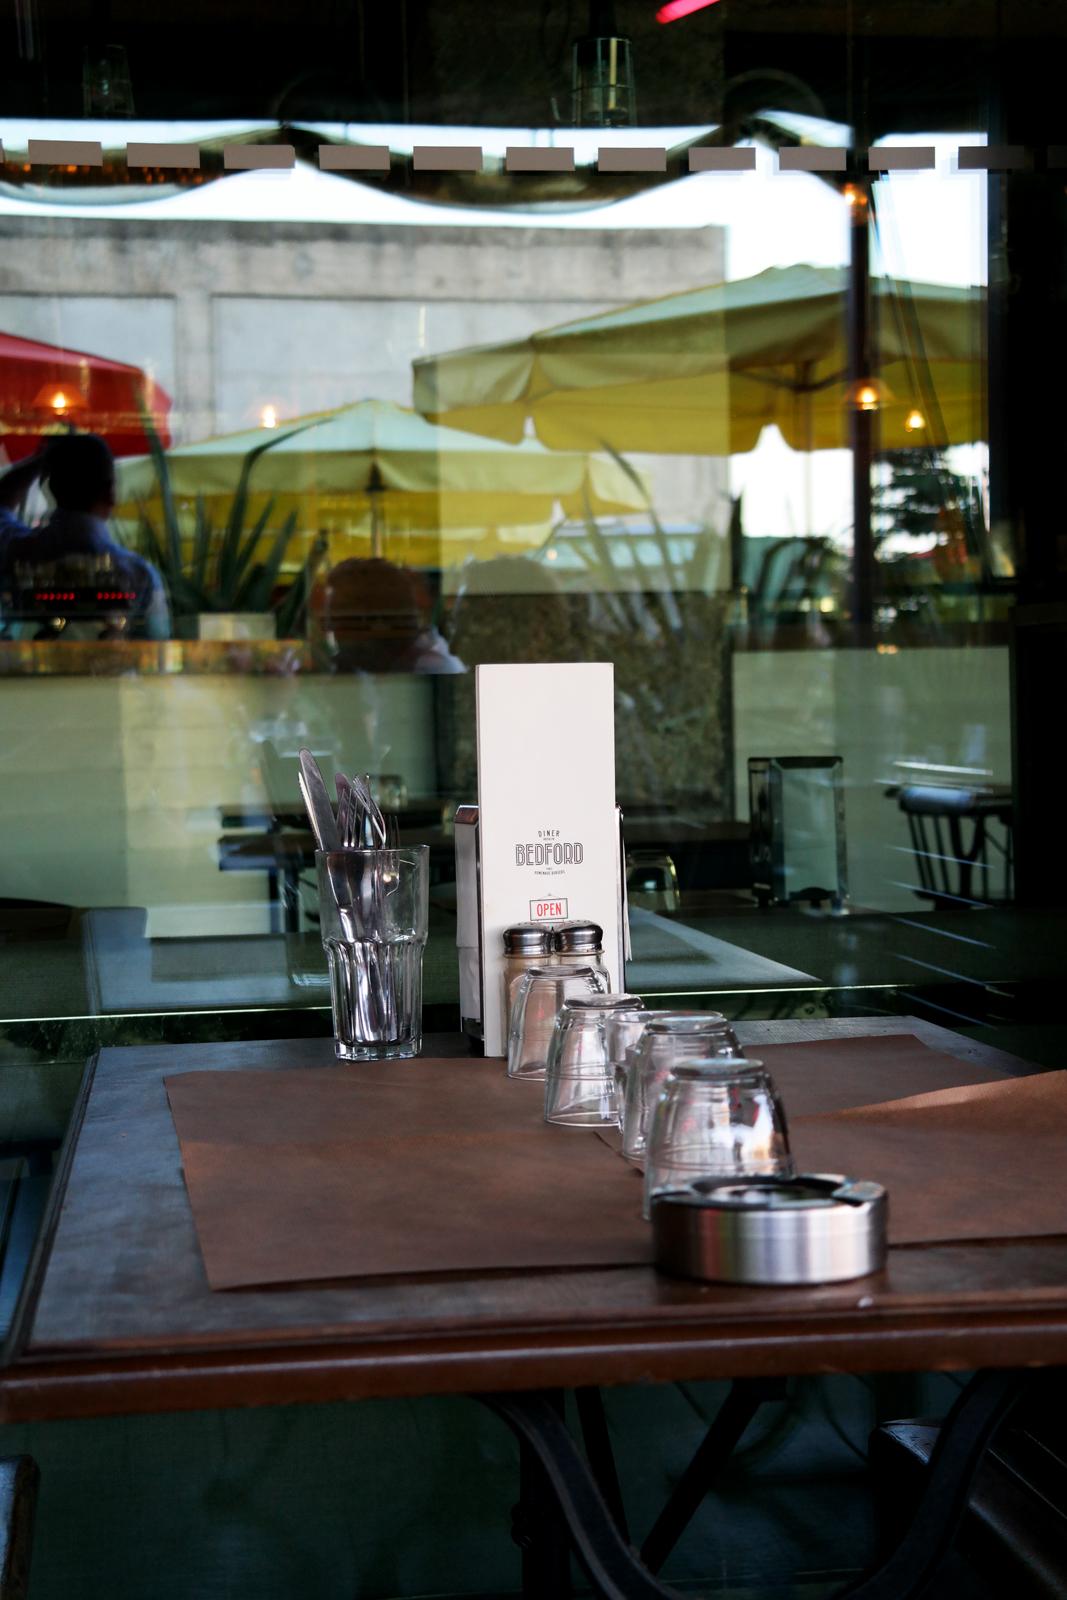 Table en terrasse Diner Bedford Wanderlust cocktails & burgers restaurant Cité de la Mode et du Design photo united states of paris blog